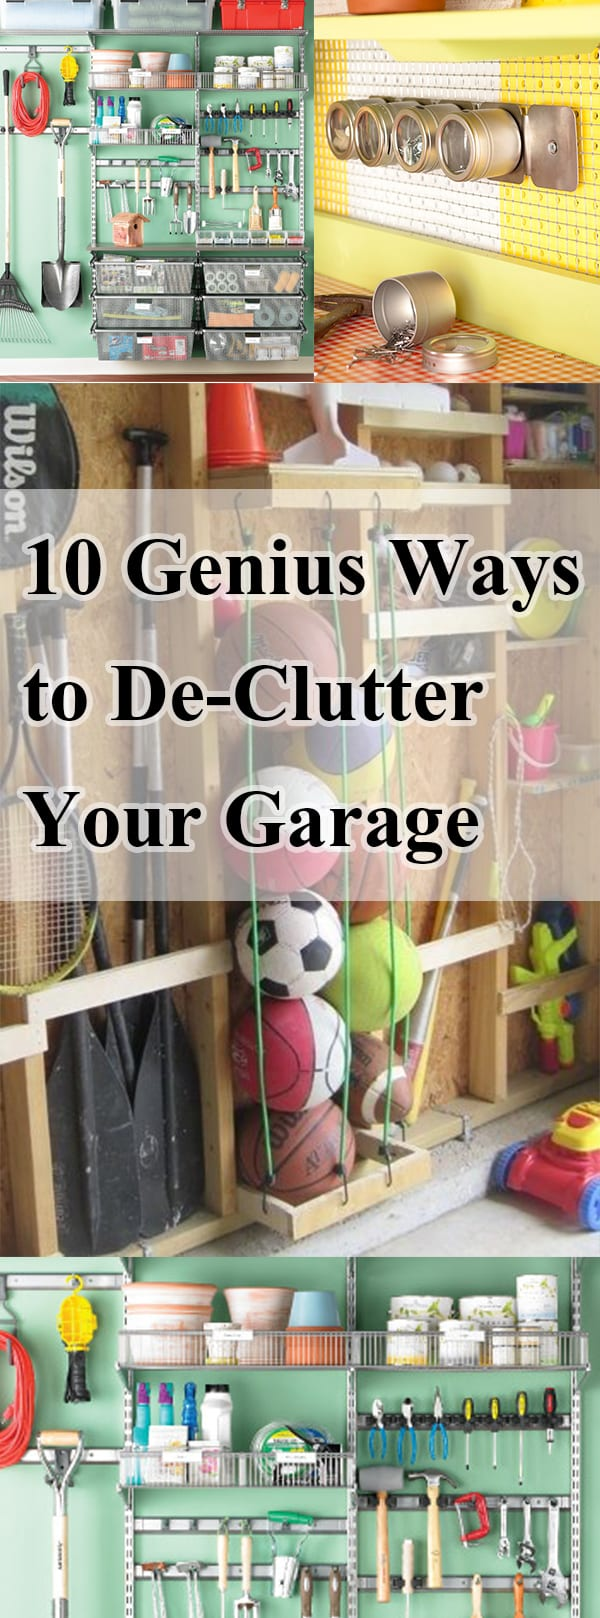 10 Genius Ways to De-Clutter Your Garage